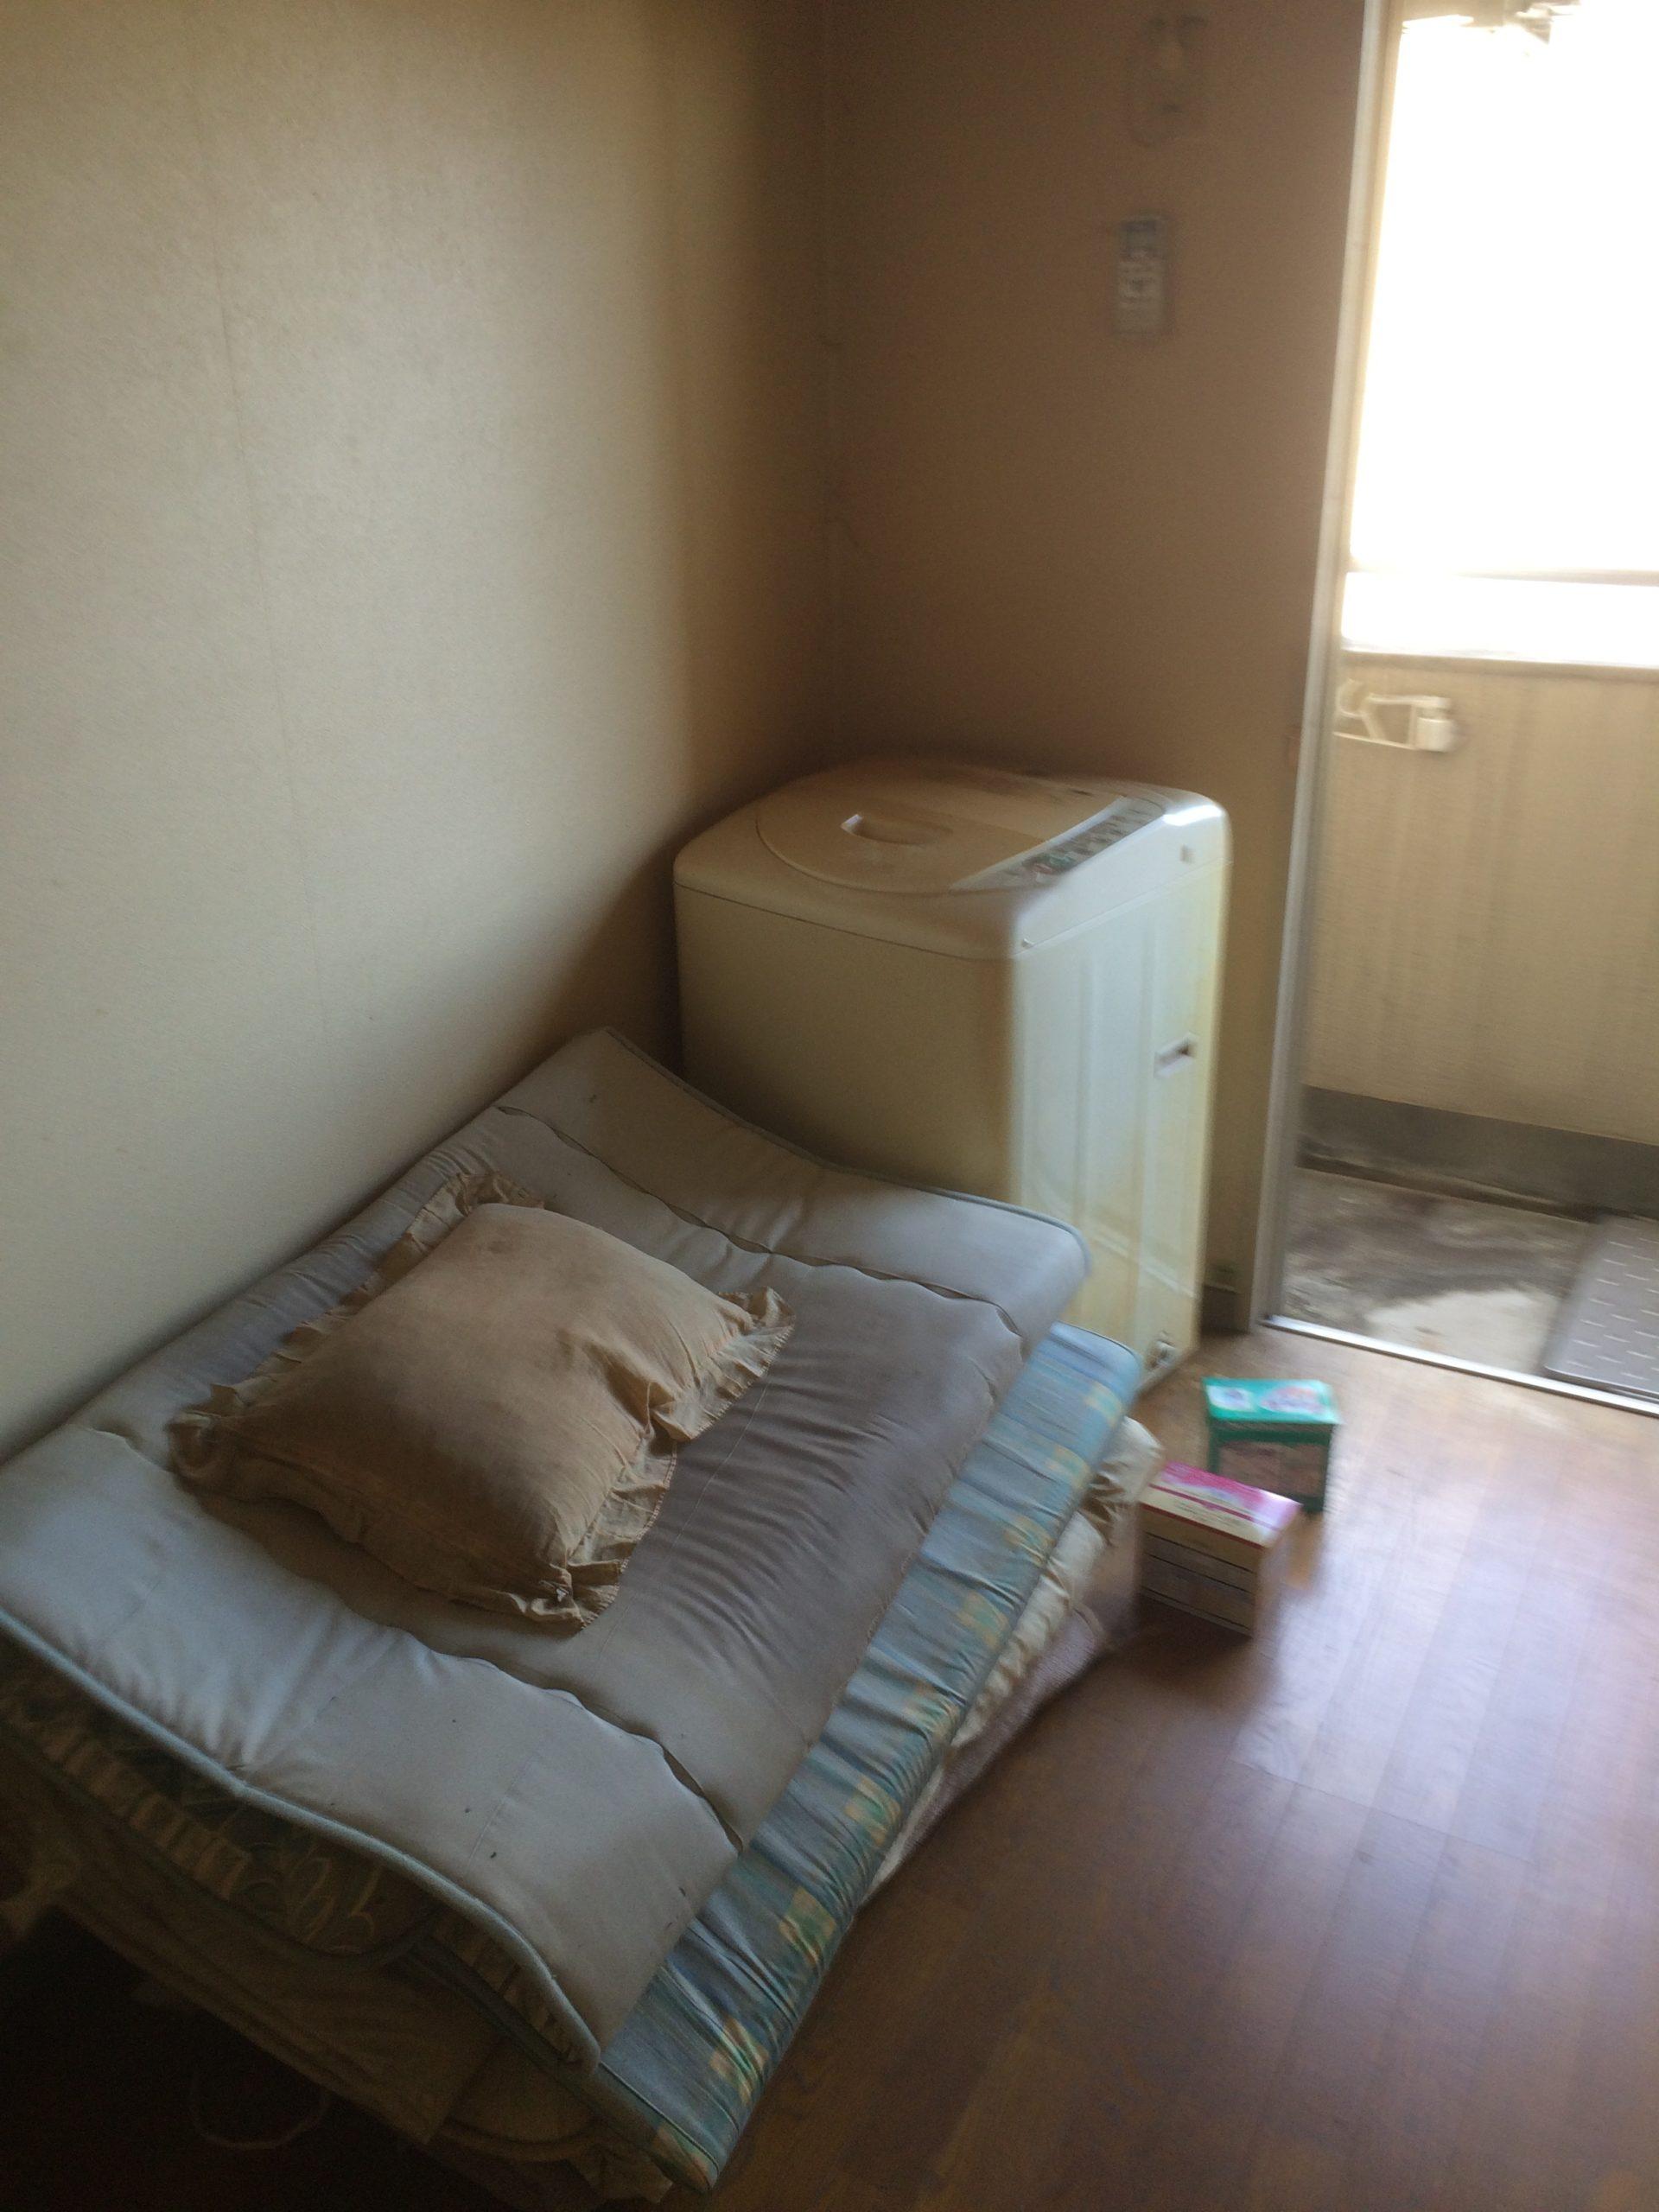 【愛知県日進市】お引越し時に出た布団・小型冷蔵庫などの不用品回収